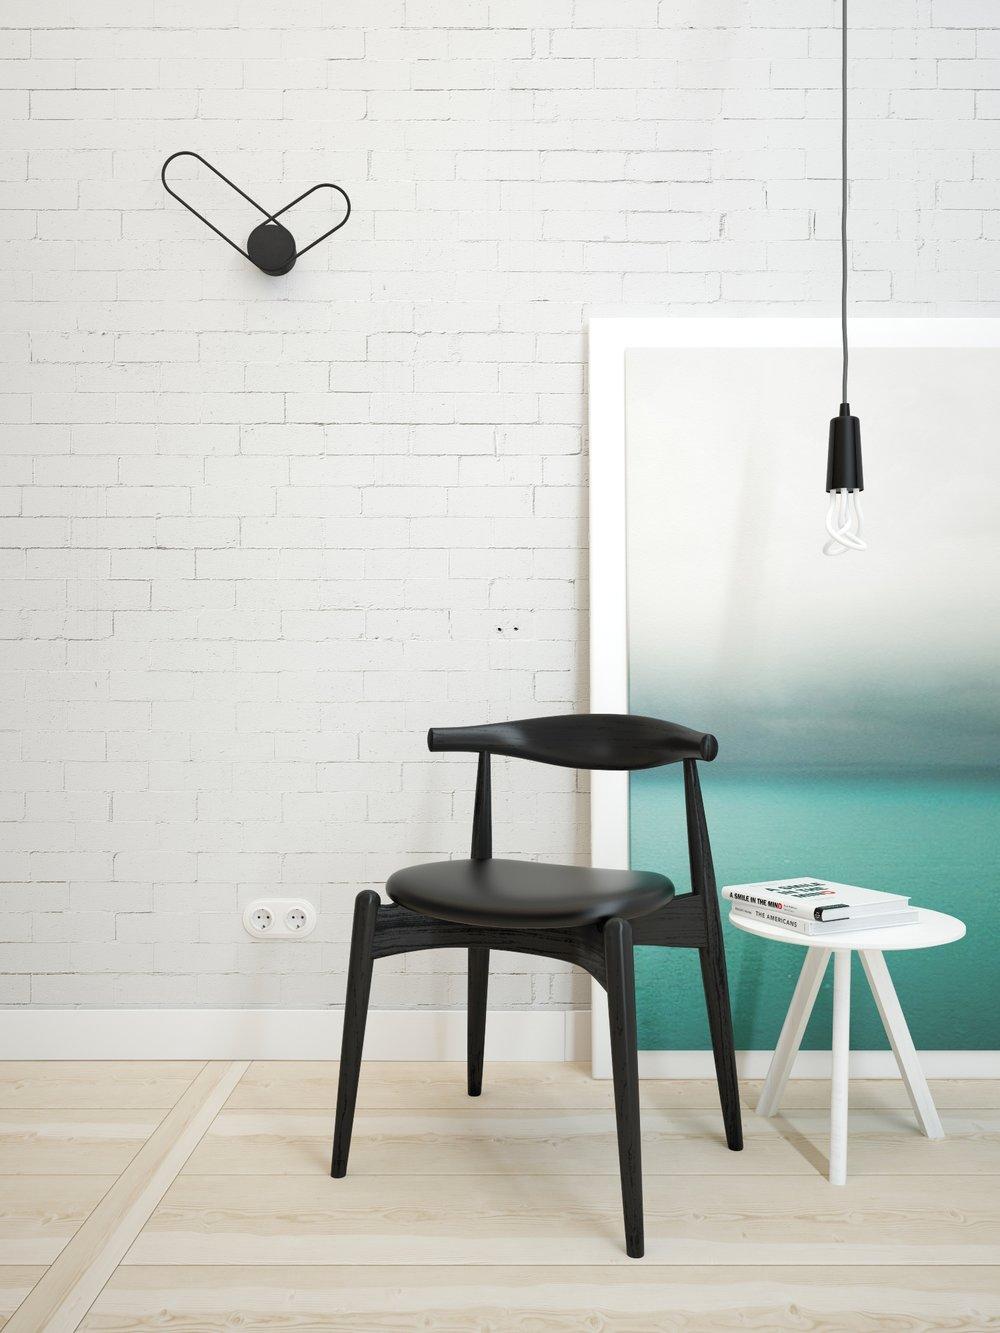 KLIPP designed by Max Voytenko